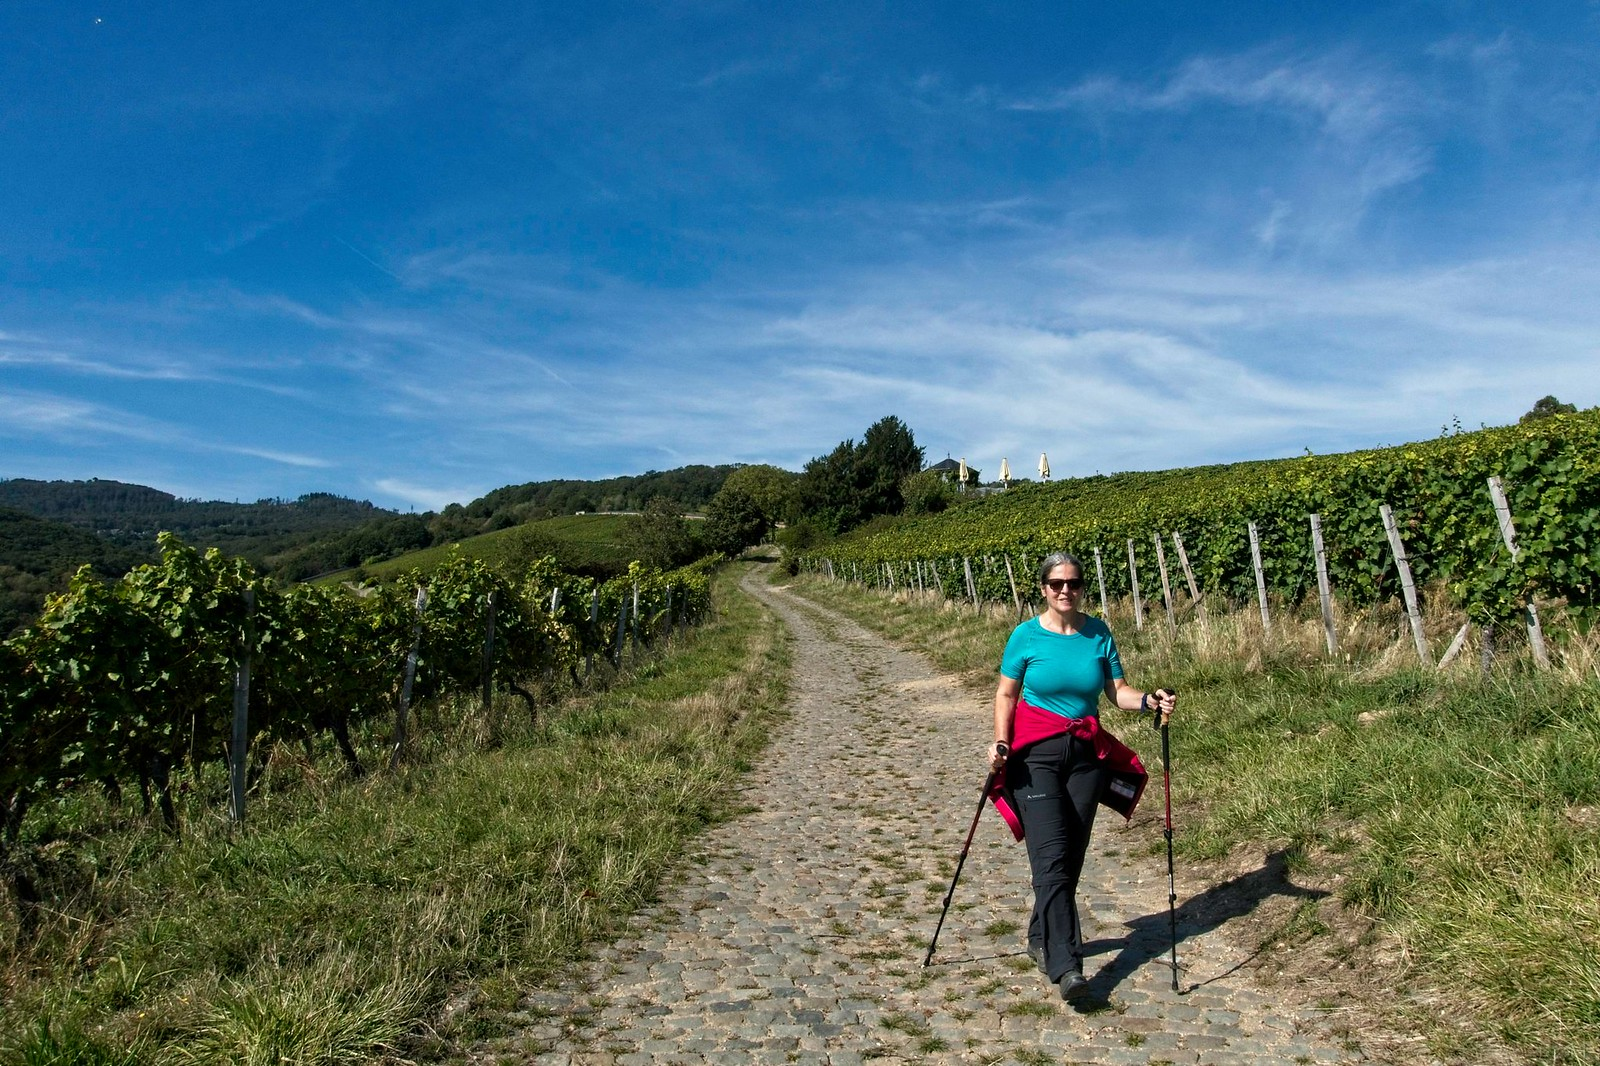 Rückkehr nach Hattenheim durch Rebflächen der Domäne Steinberg